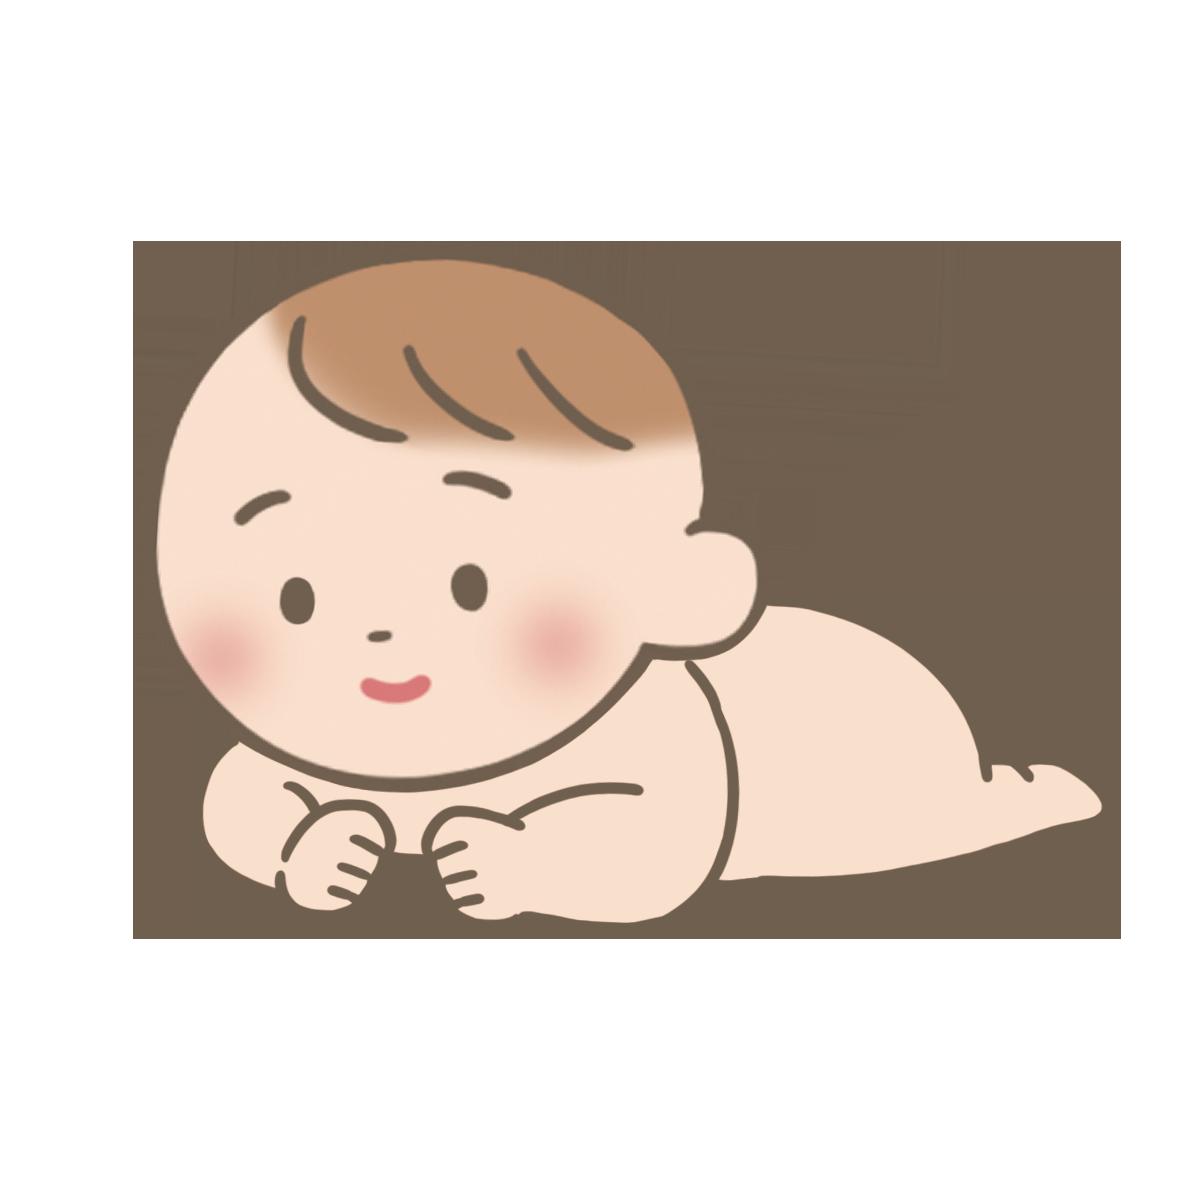 うつぶせで顔を上げている裸の赤ちゃんのイラストフリー素材看護